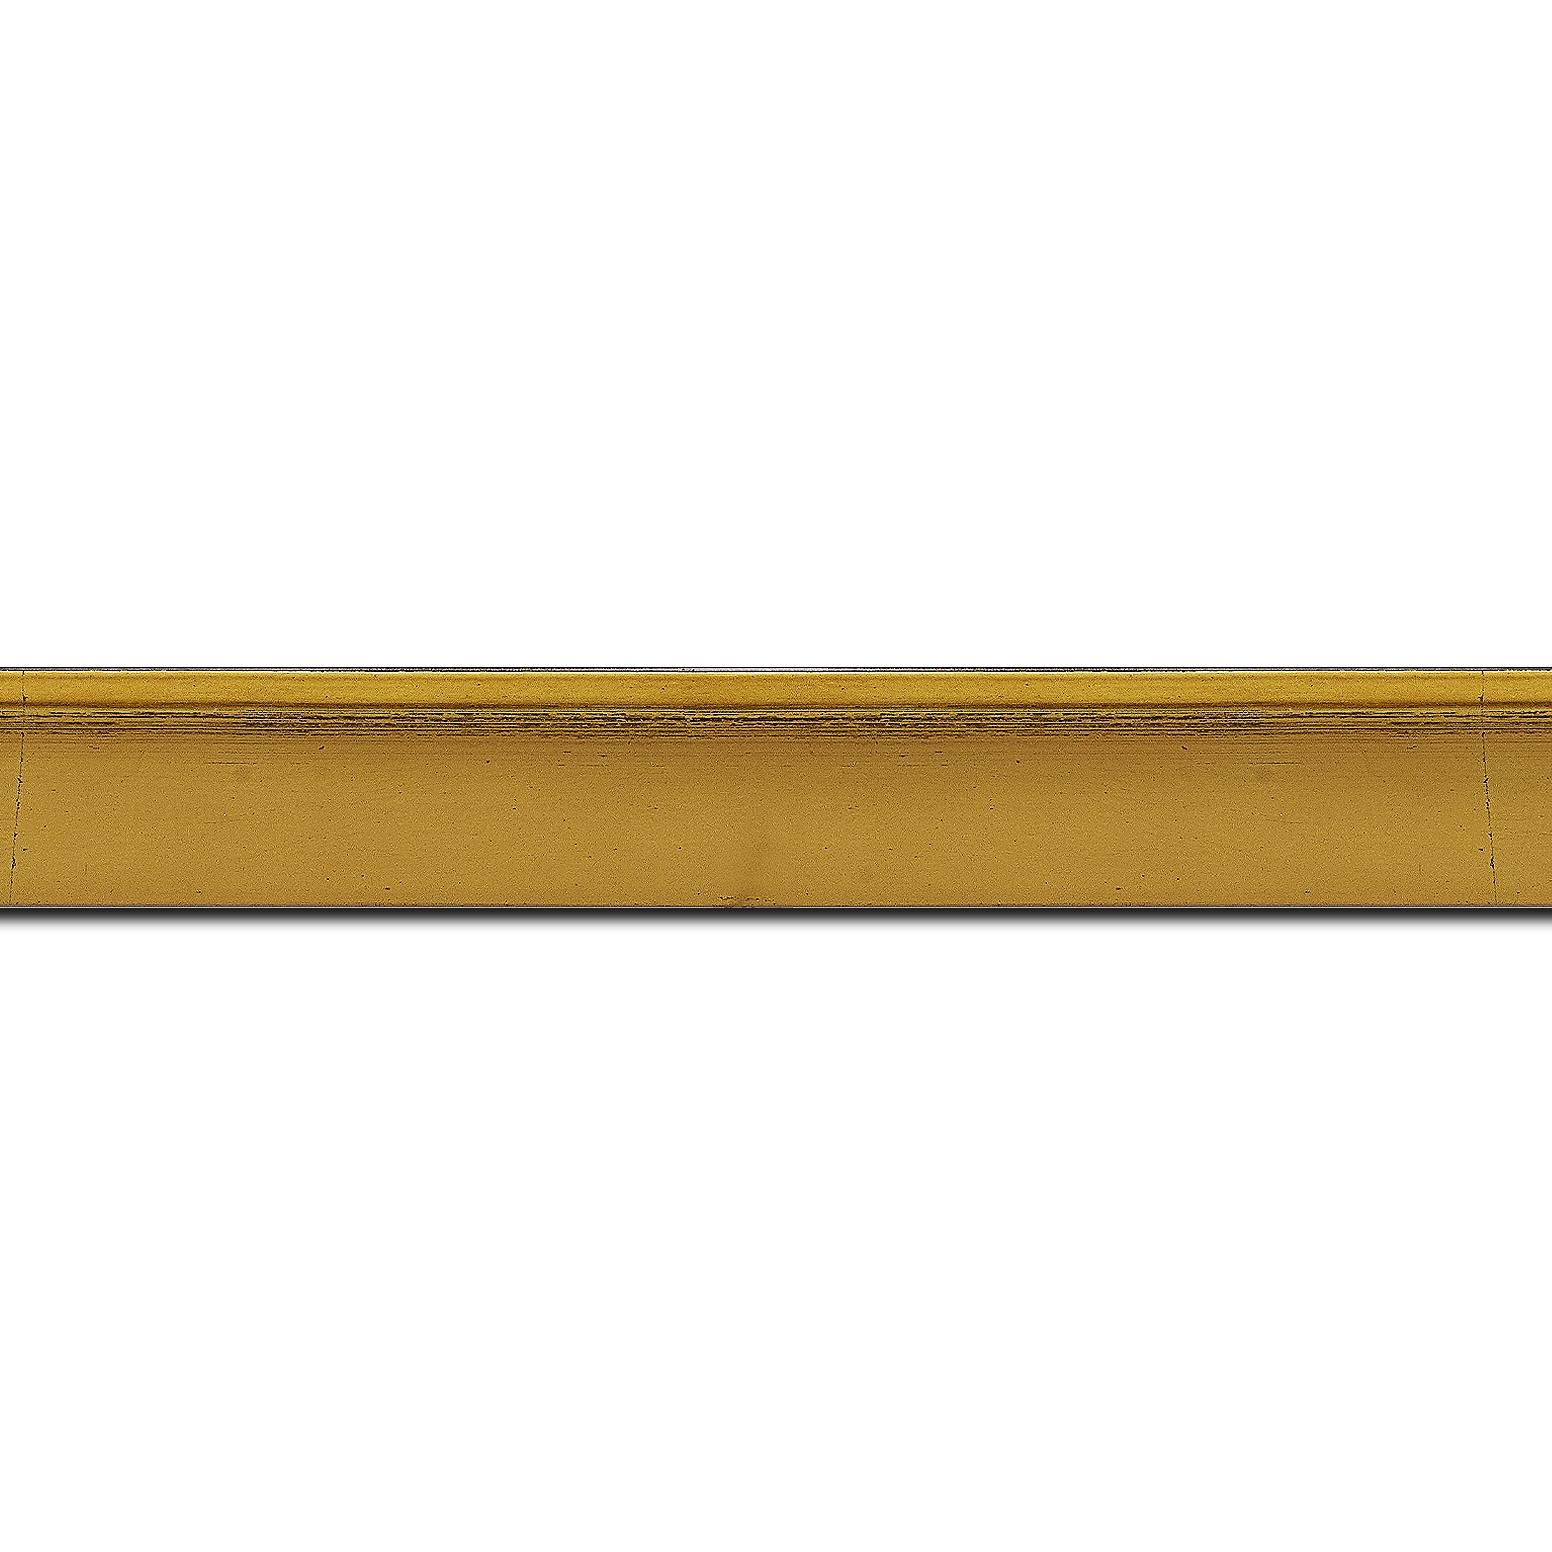 Baguette longueur 1.40m bois profil en pente plongeant largeur 2.2cm couleur or coté extérieur foncé. finition haut de gamme car dorure à l'eau fait main